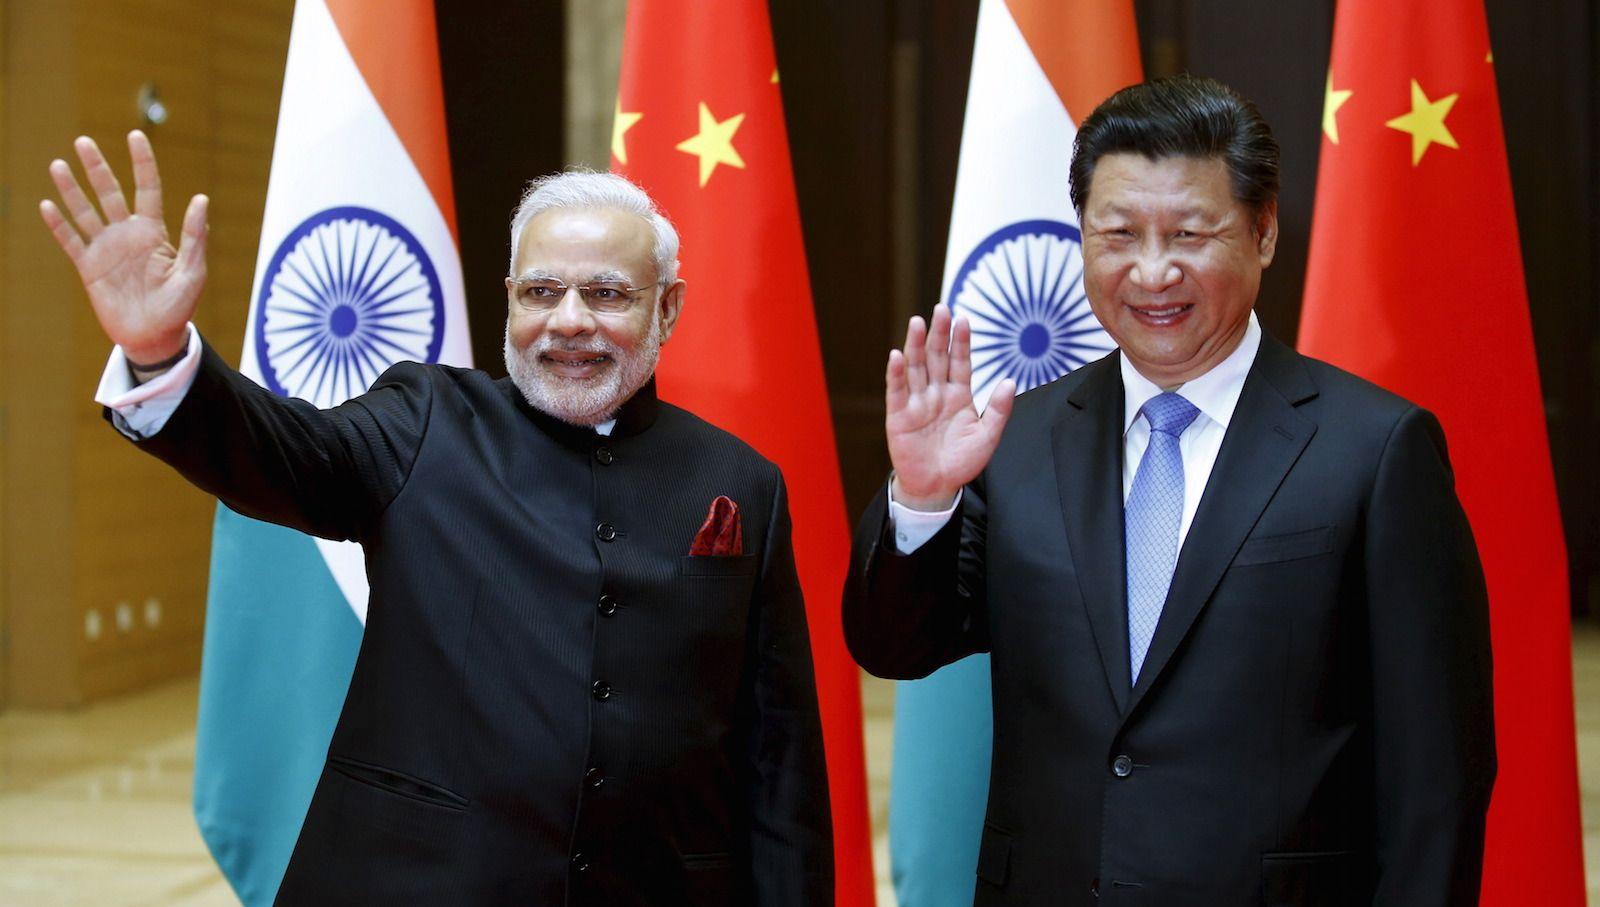 जब मोदी लाल किले से भाषण दे रहे थे तब चीनी सैनिक भारत में घुसपैठ कर रहे थे